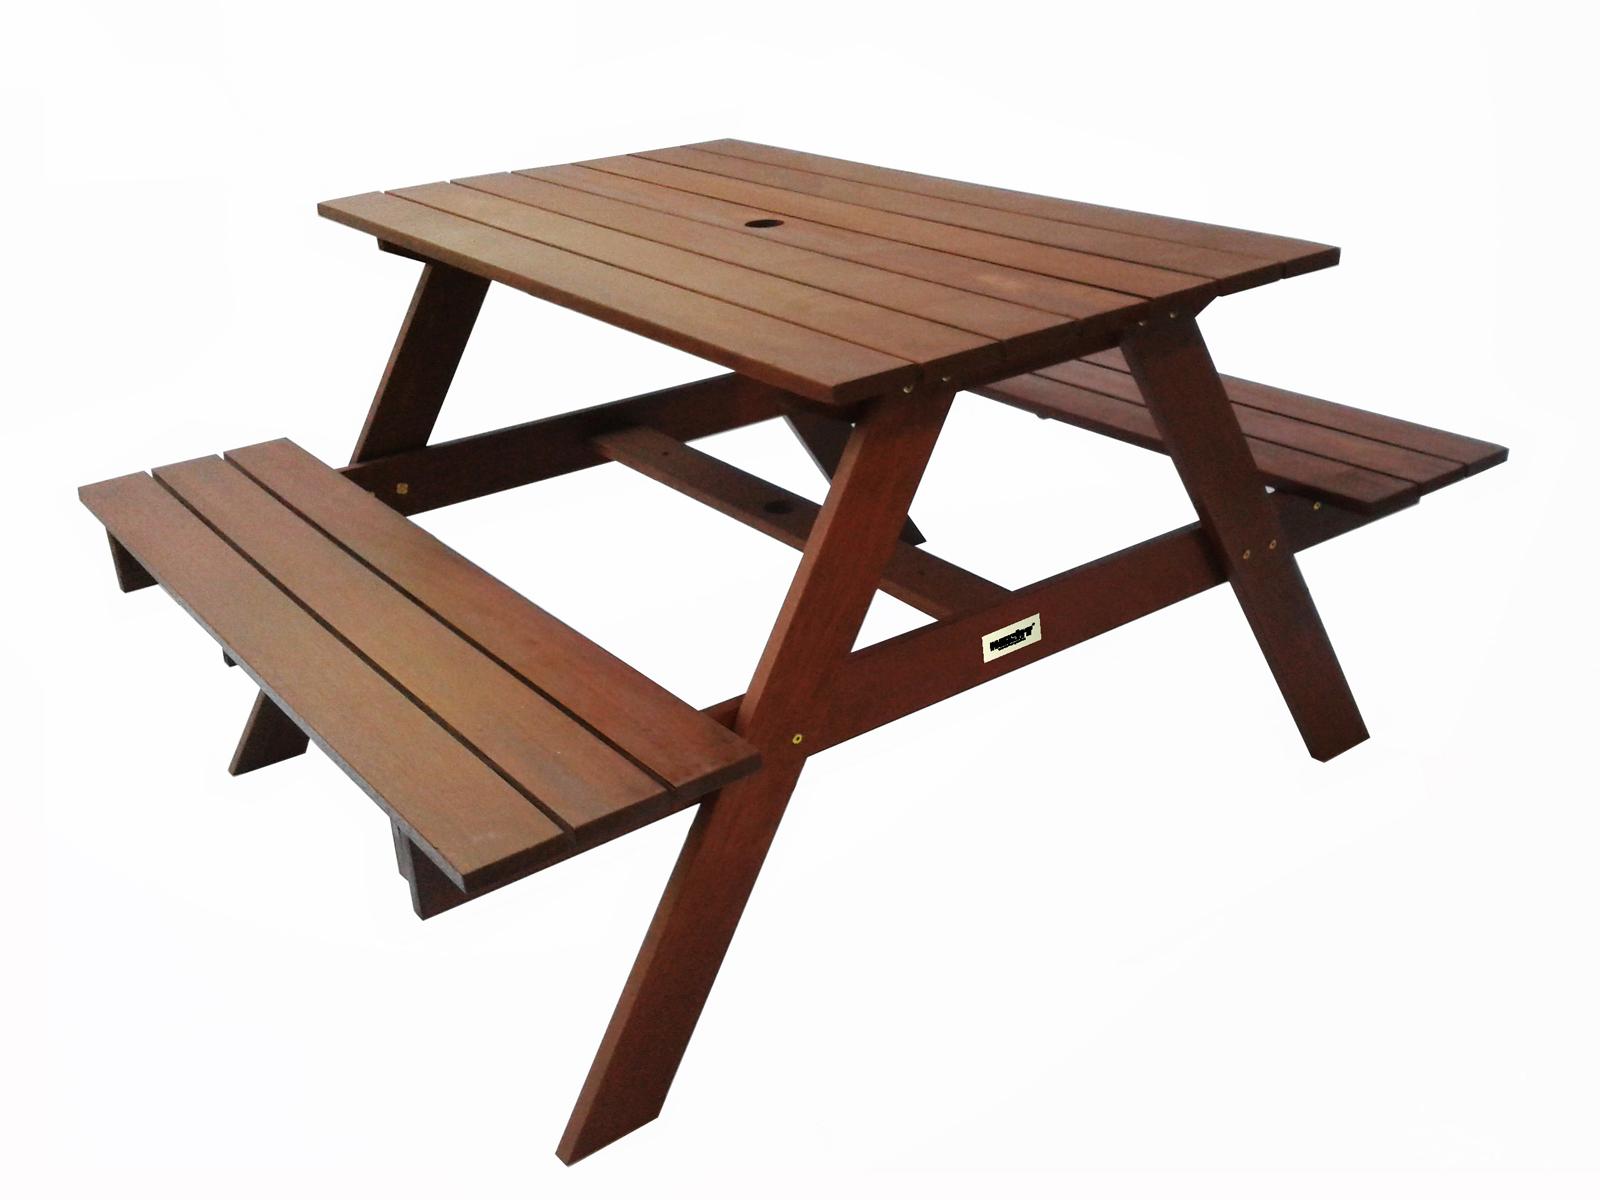 Zahradní nábytek - Hecht - Bier set 1+0 (meranti)